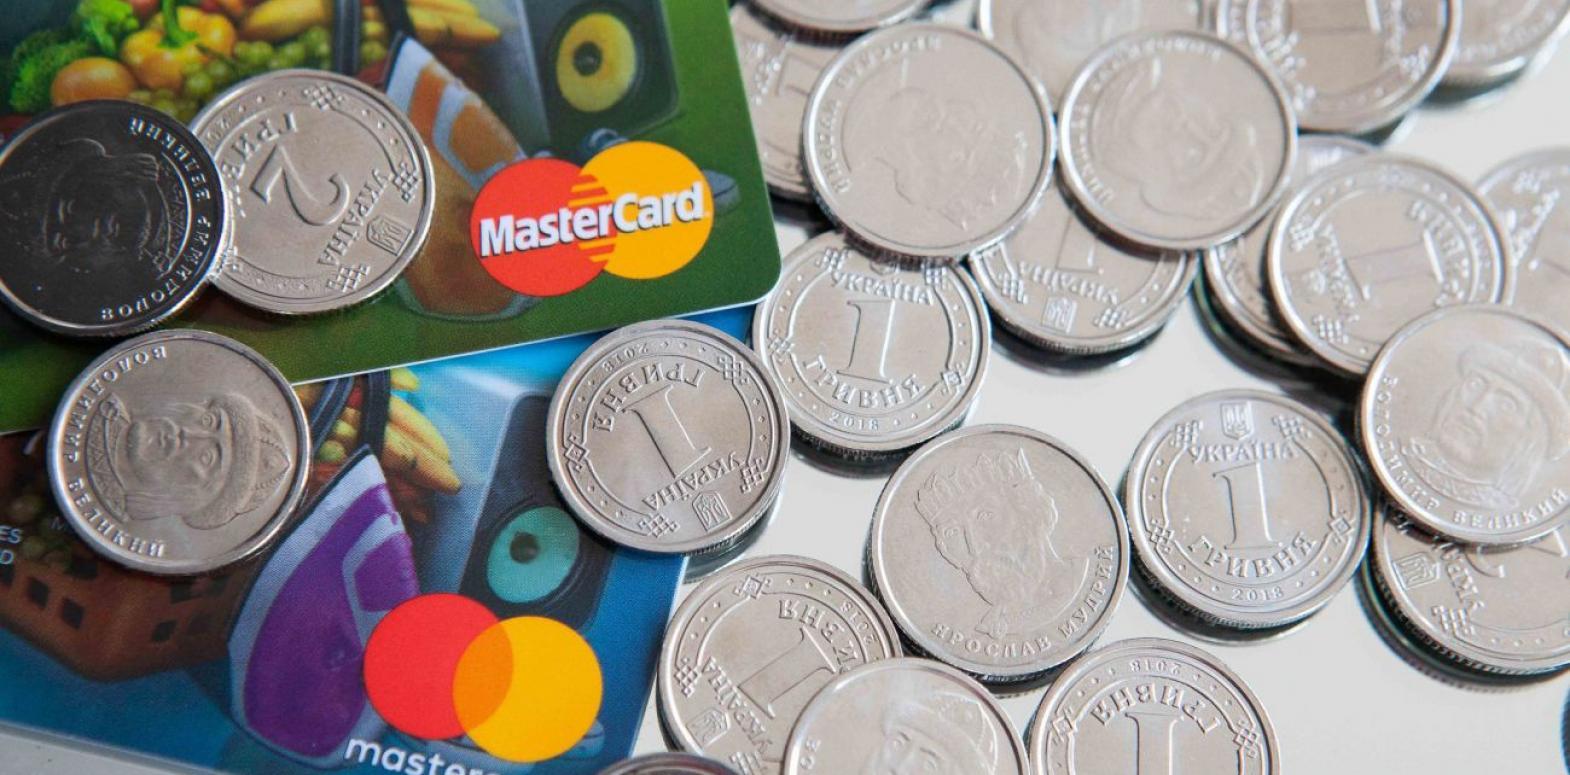 НБУ назвал самые популярные методы мошенничества с платежными картами